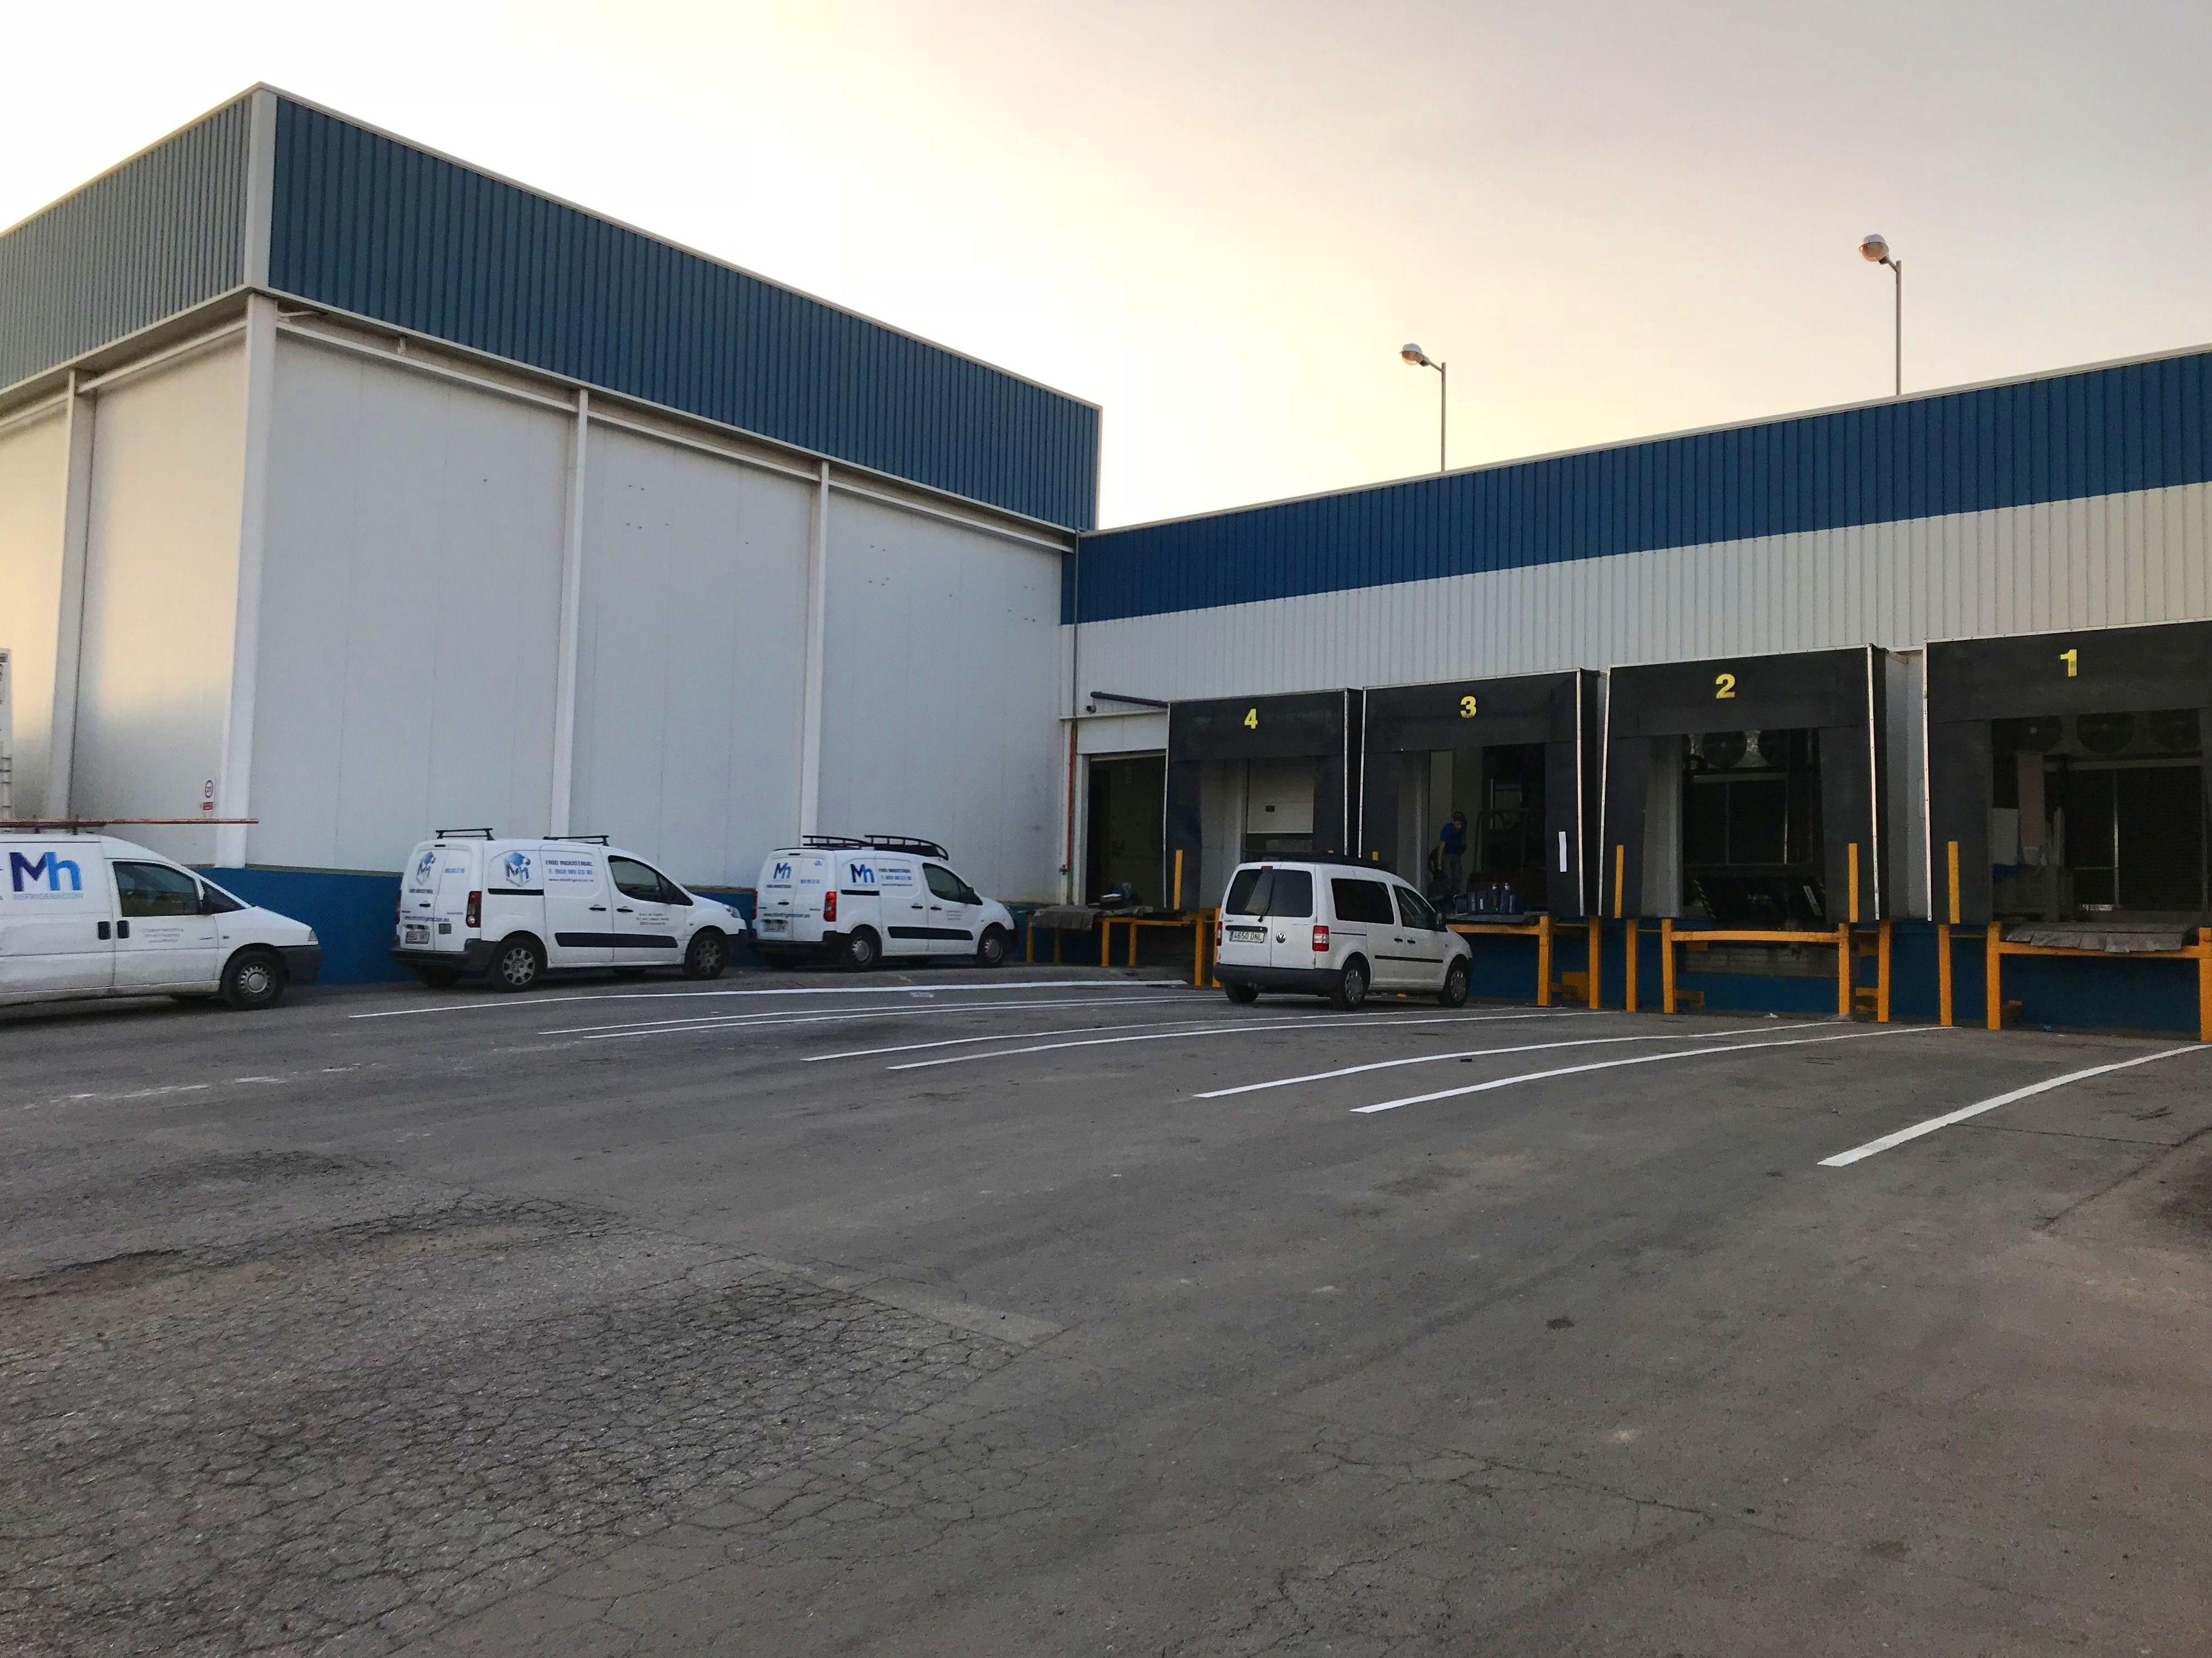 Foto 20 de Especialistas en refrigeración industrial en Alcantarilla | MH Refrigeración